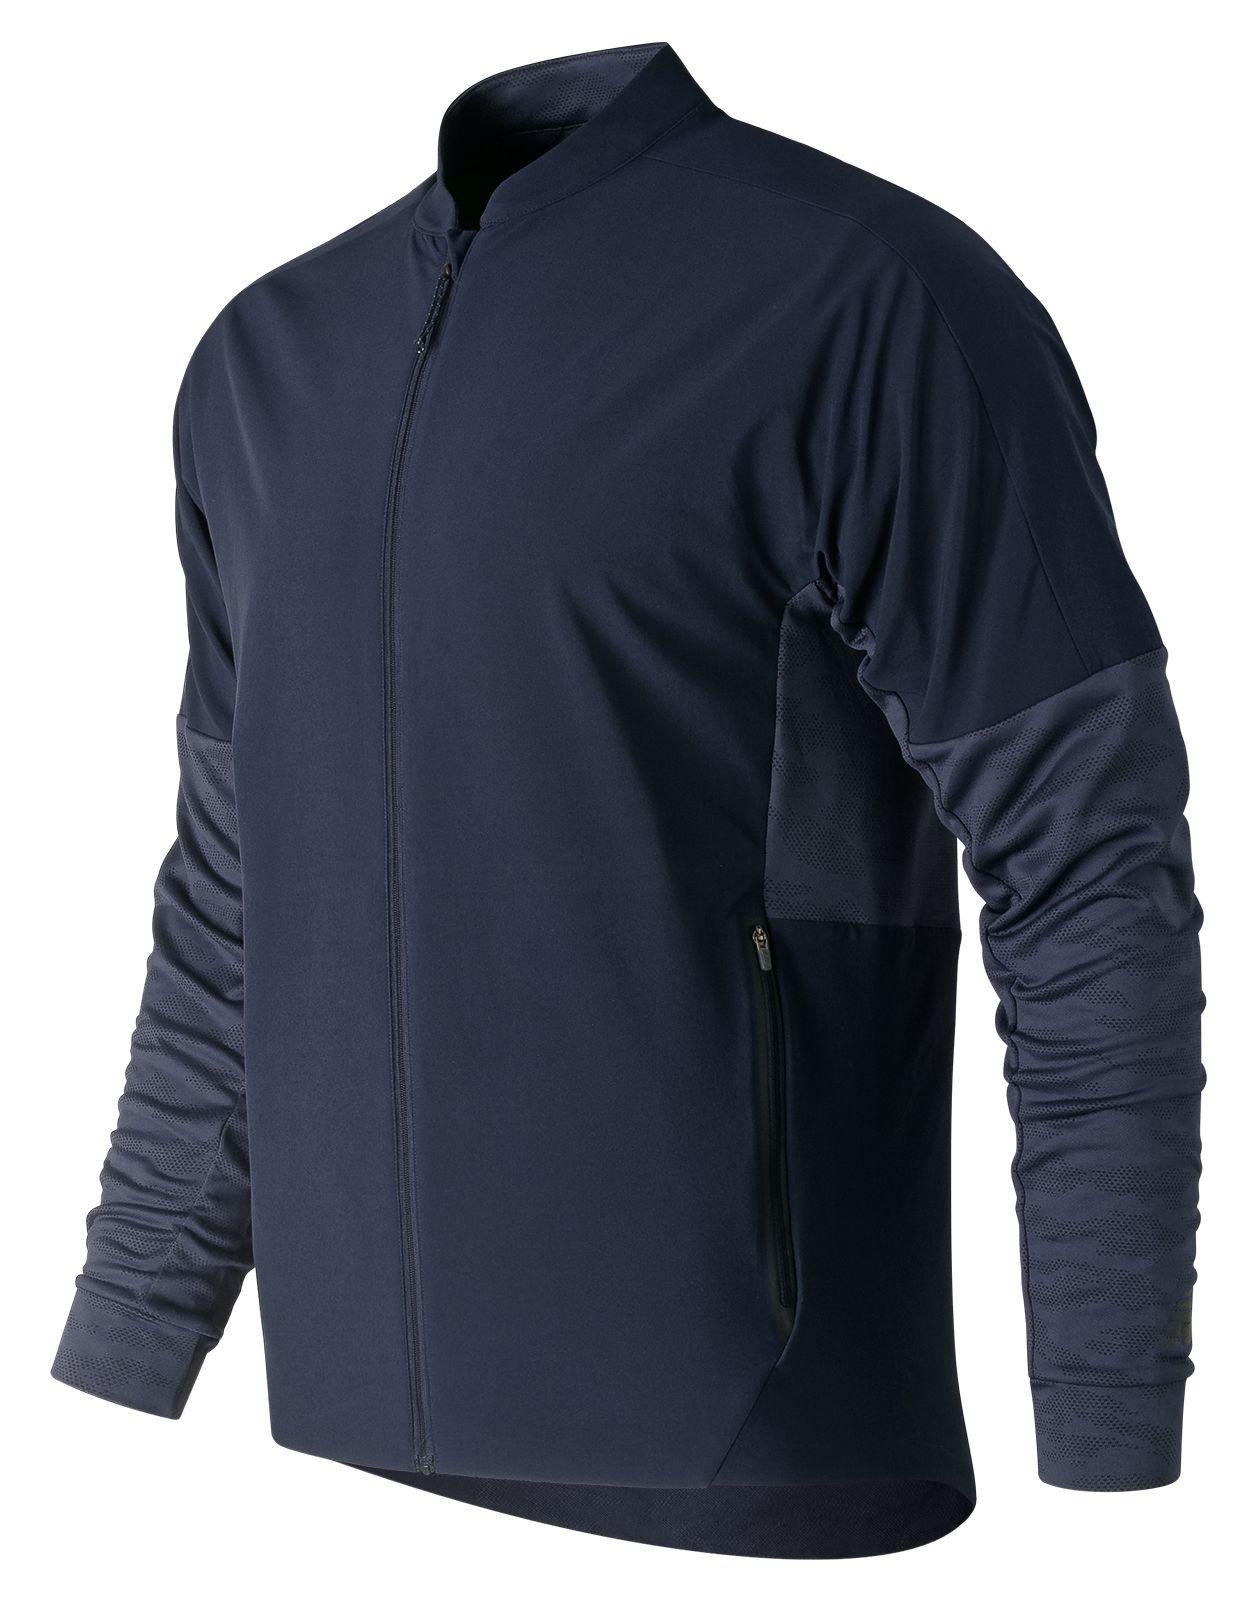 Men's Lynx Jacket